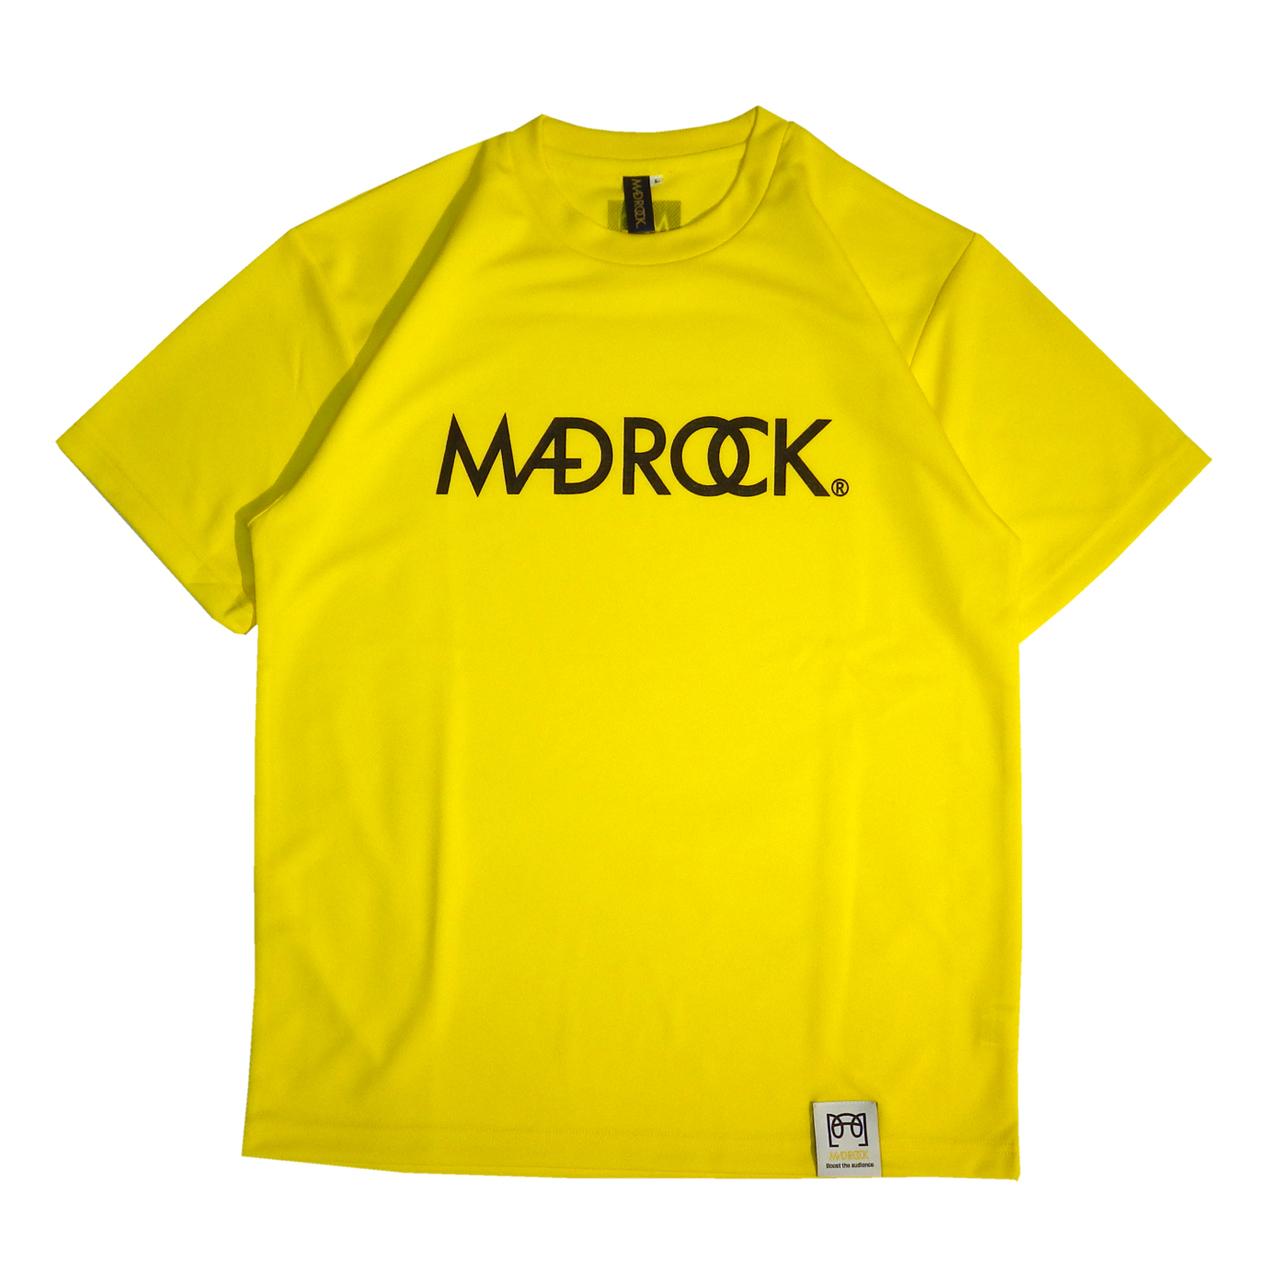 マッドロックロゴ Tシャツ/ドライタイプ/イエロー